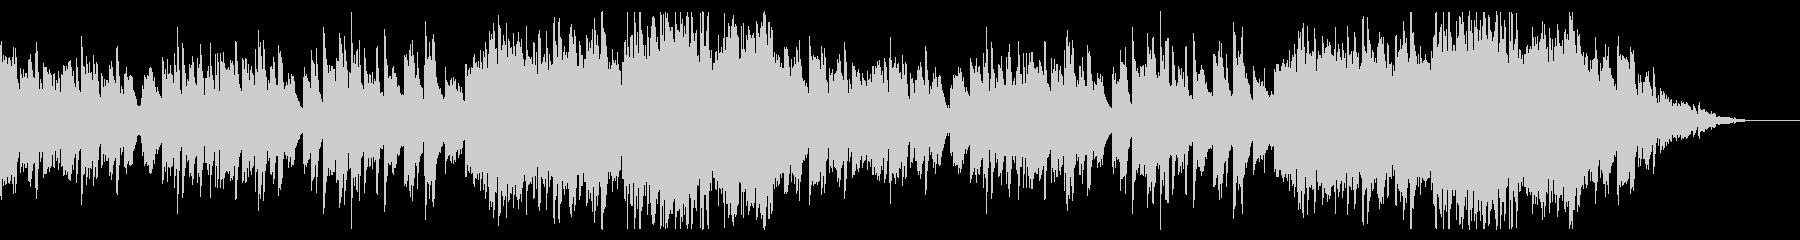 【ブライダル】ピアノメインの感動的な曲の未再生の波形